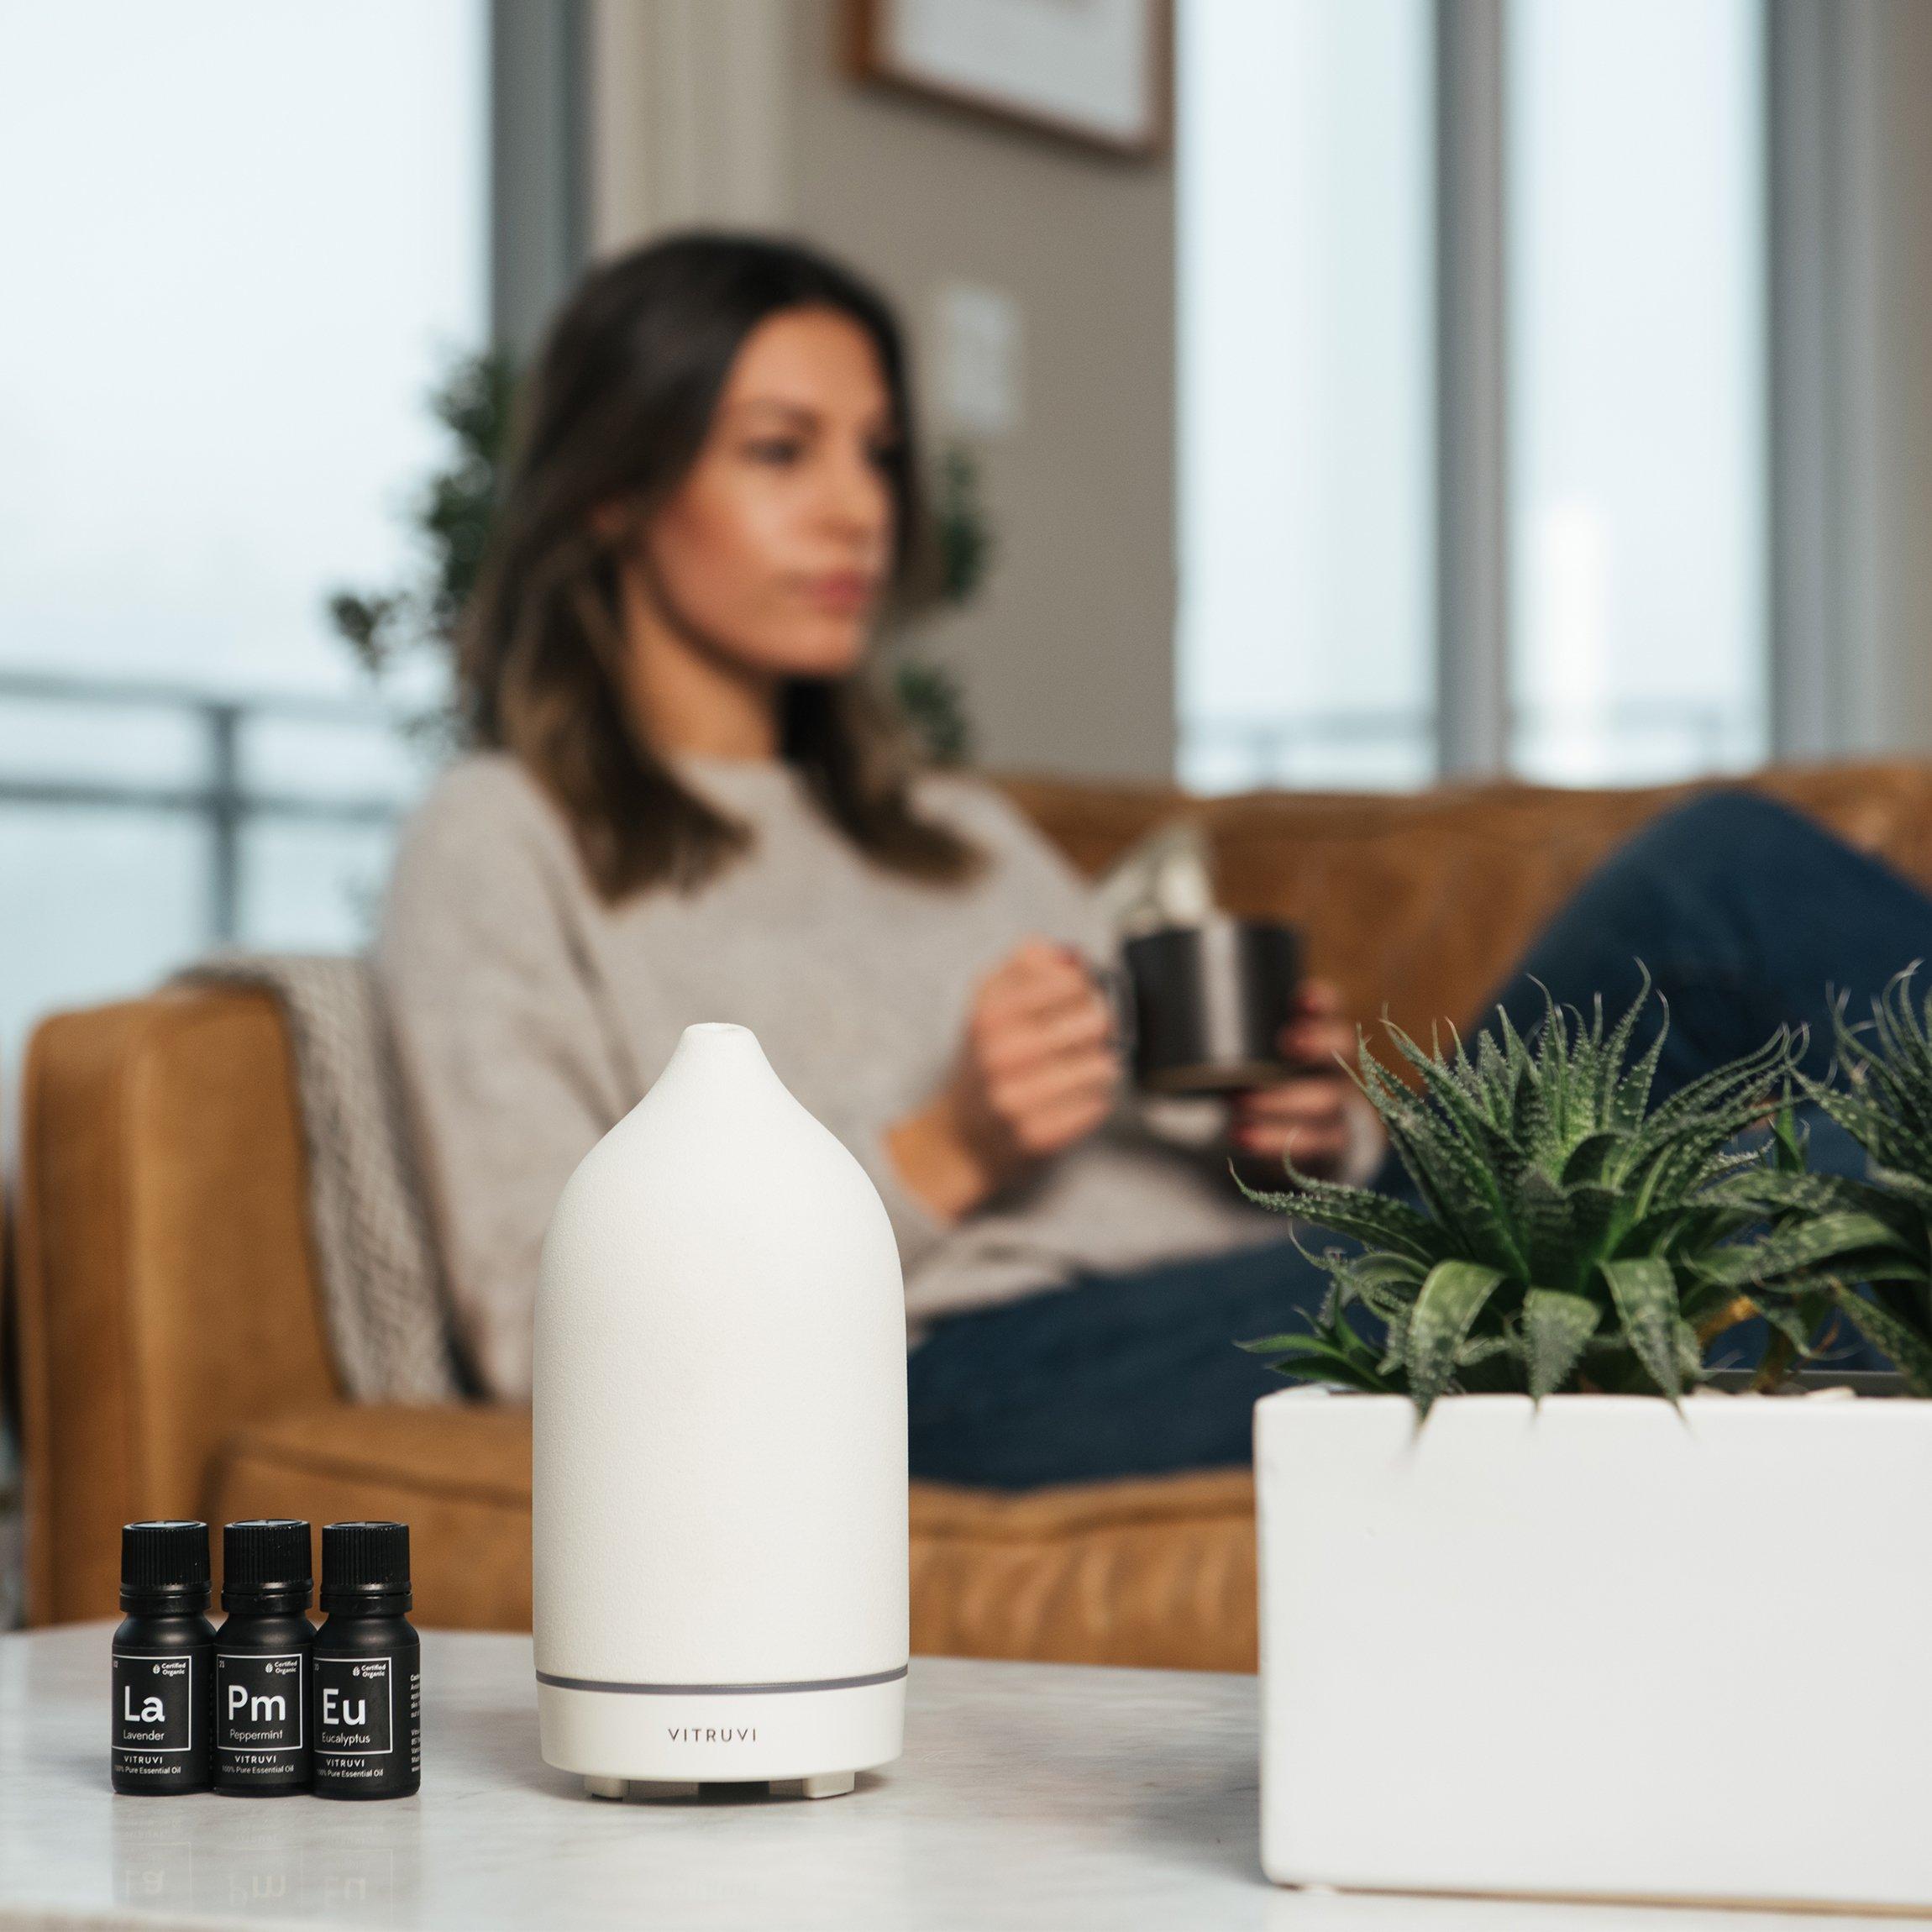 Vitruvi Stone Diffuser, Ceramic Ultrasonic Essential Oil Diffuser for Aromatherapy, White, 90ml Capacity by Vitruvi